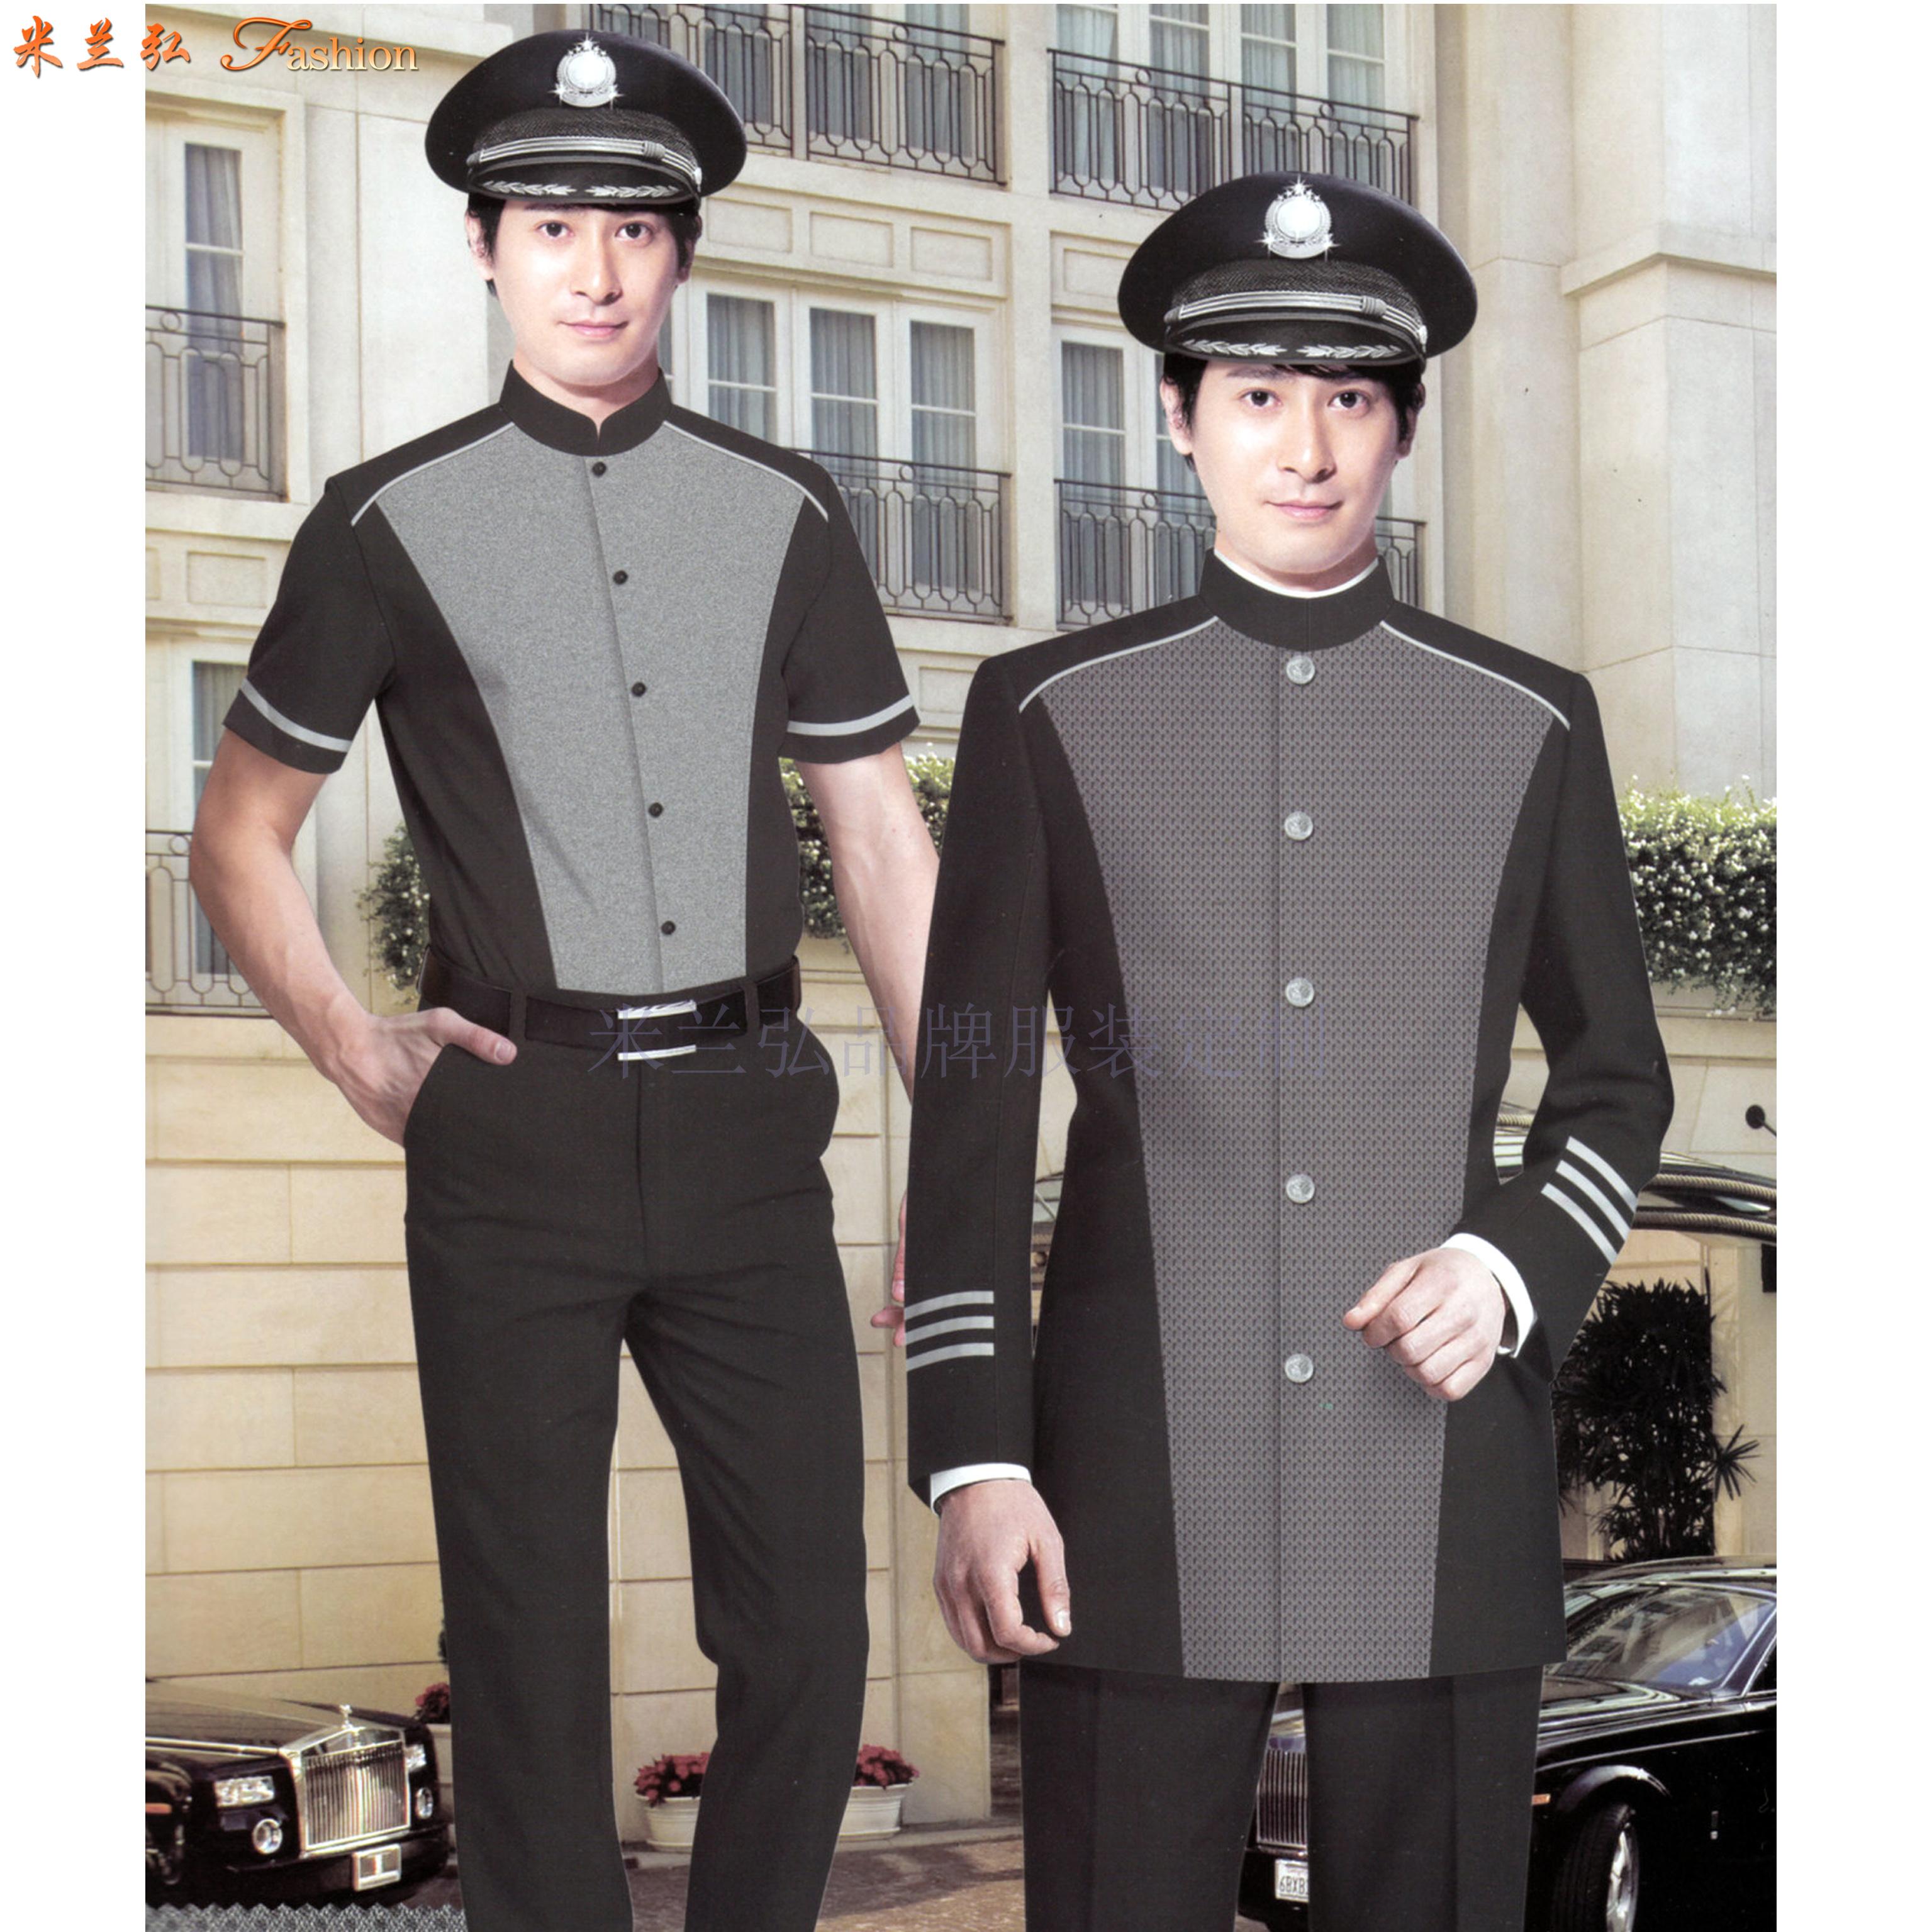 青島酒店制服定制_平度市酒店工服訂制_萊西市酒店服裝定做-4